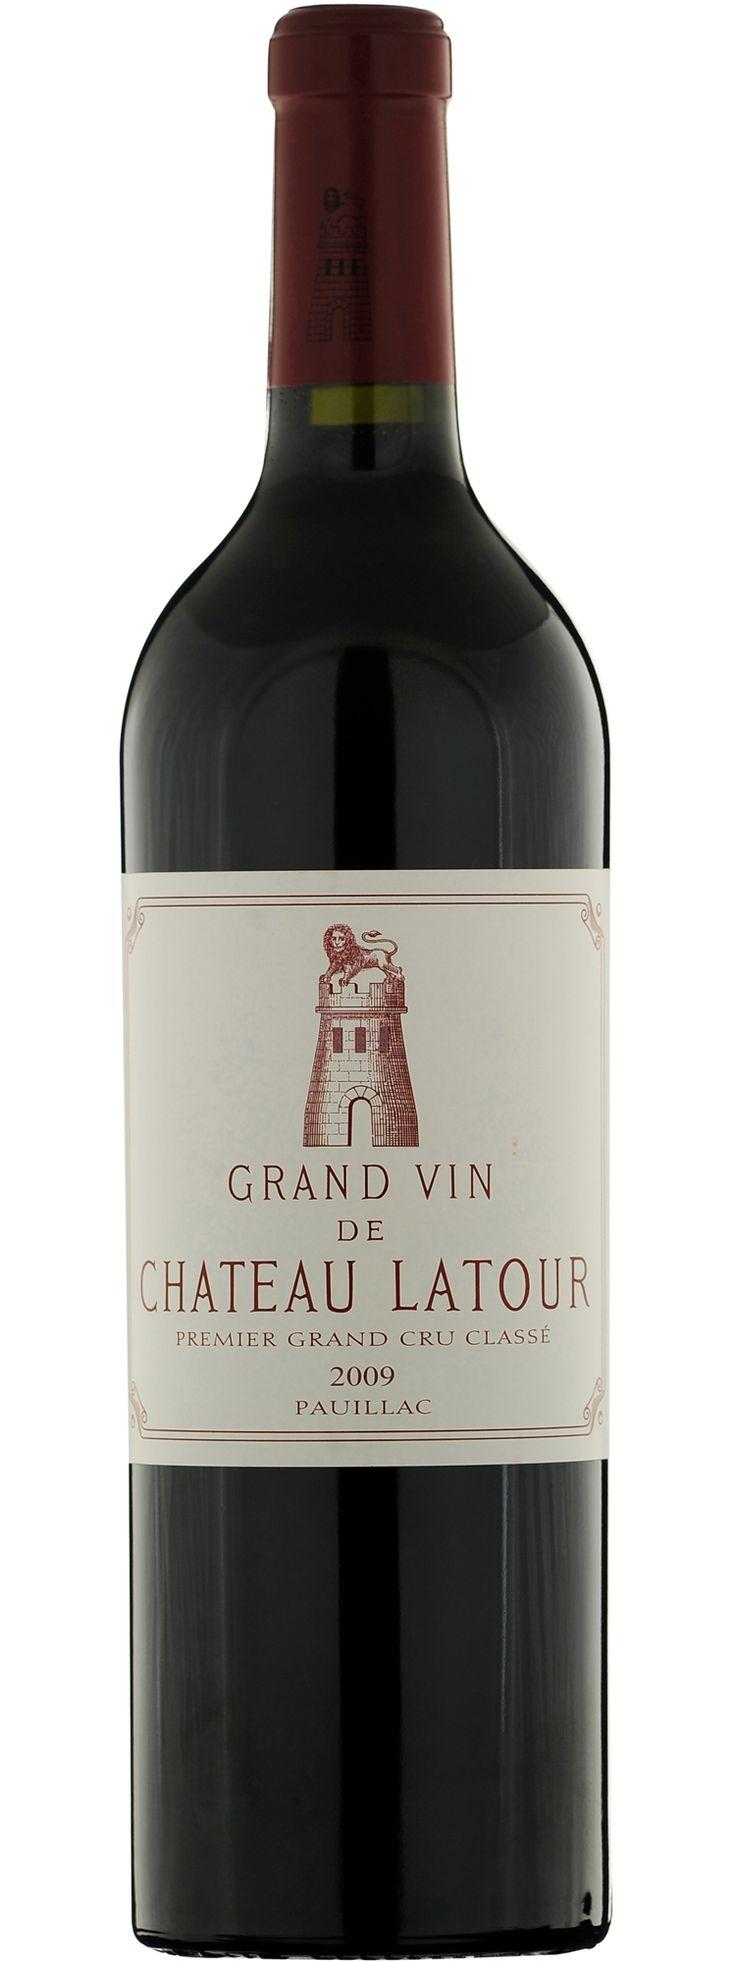 Château Latour Pauillac 2009